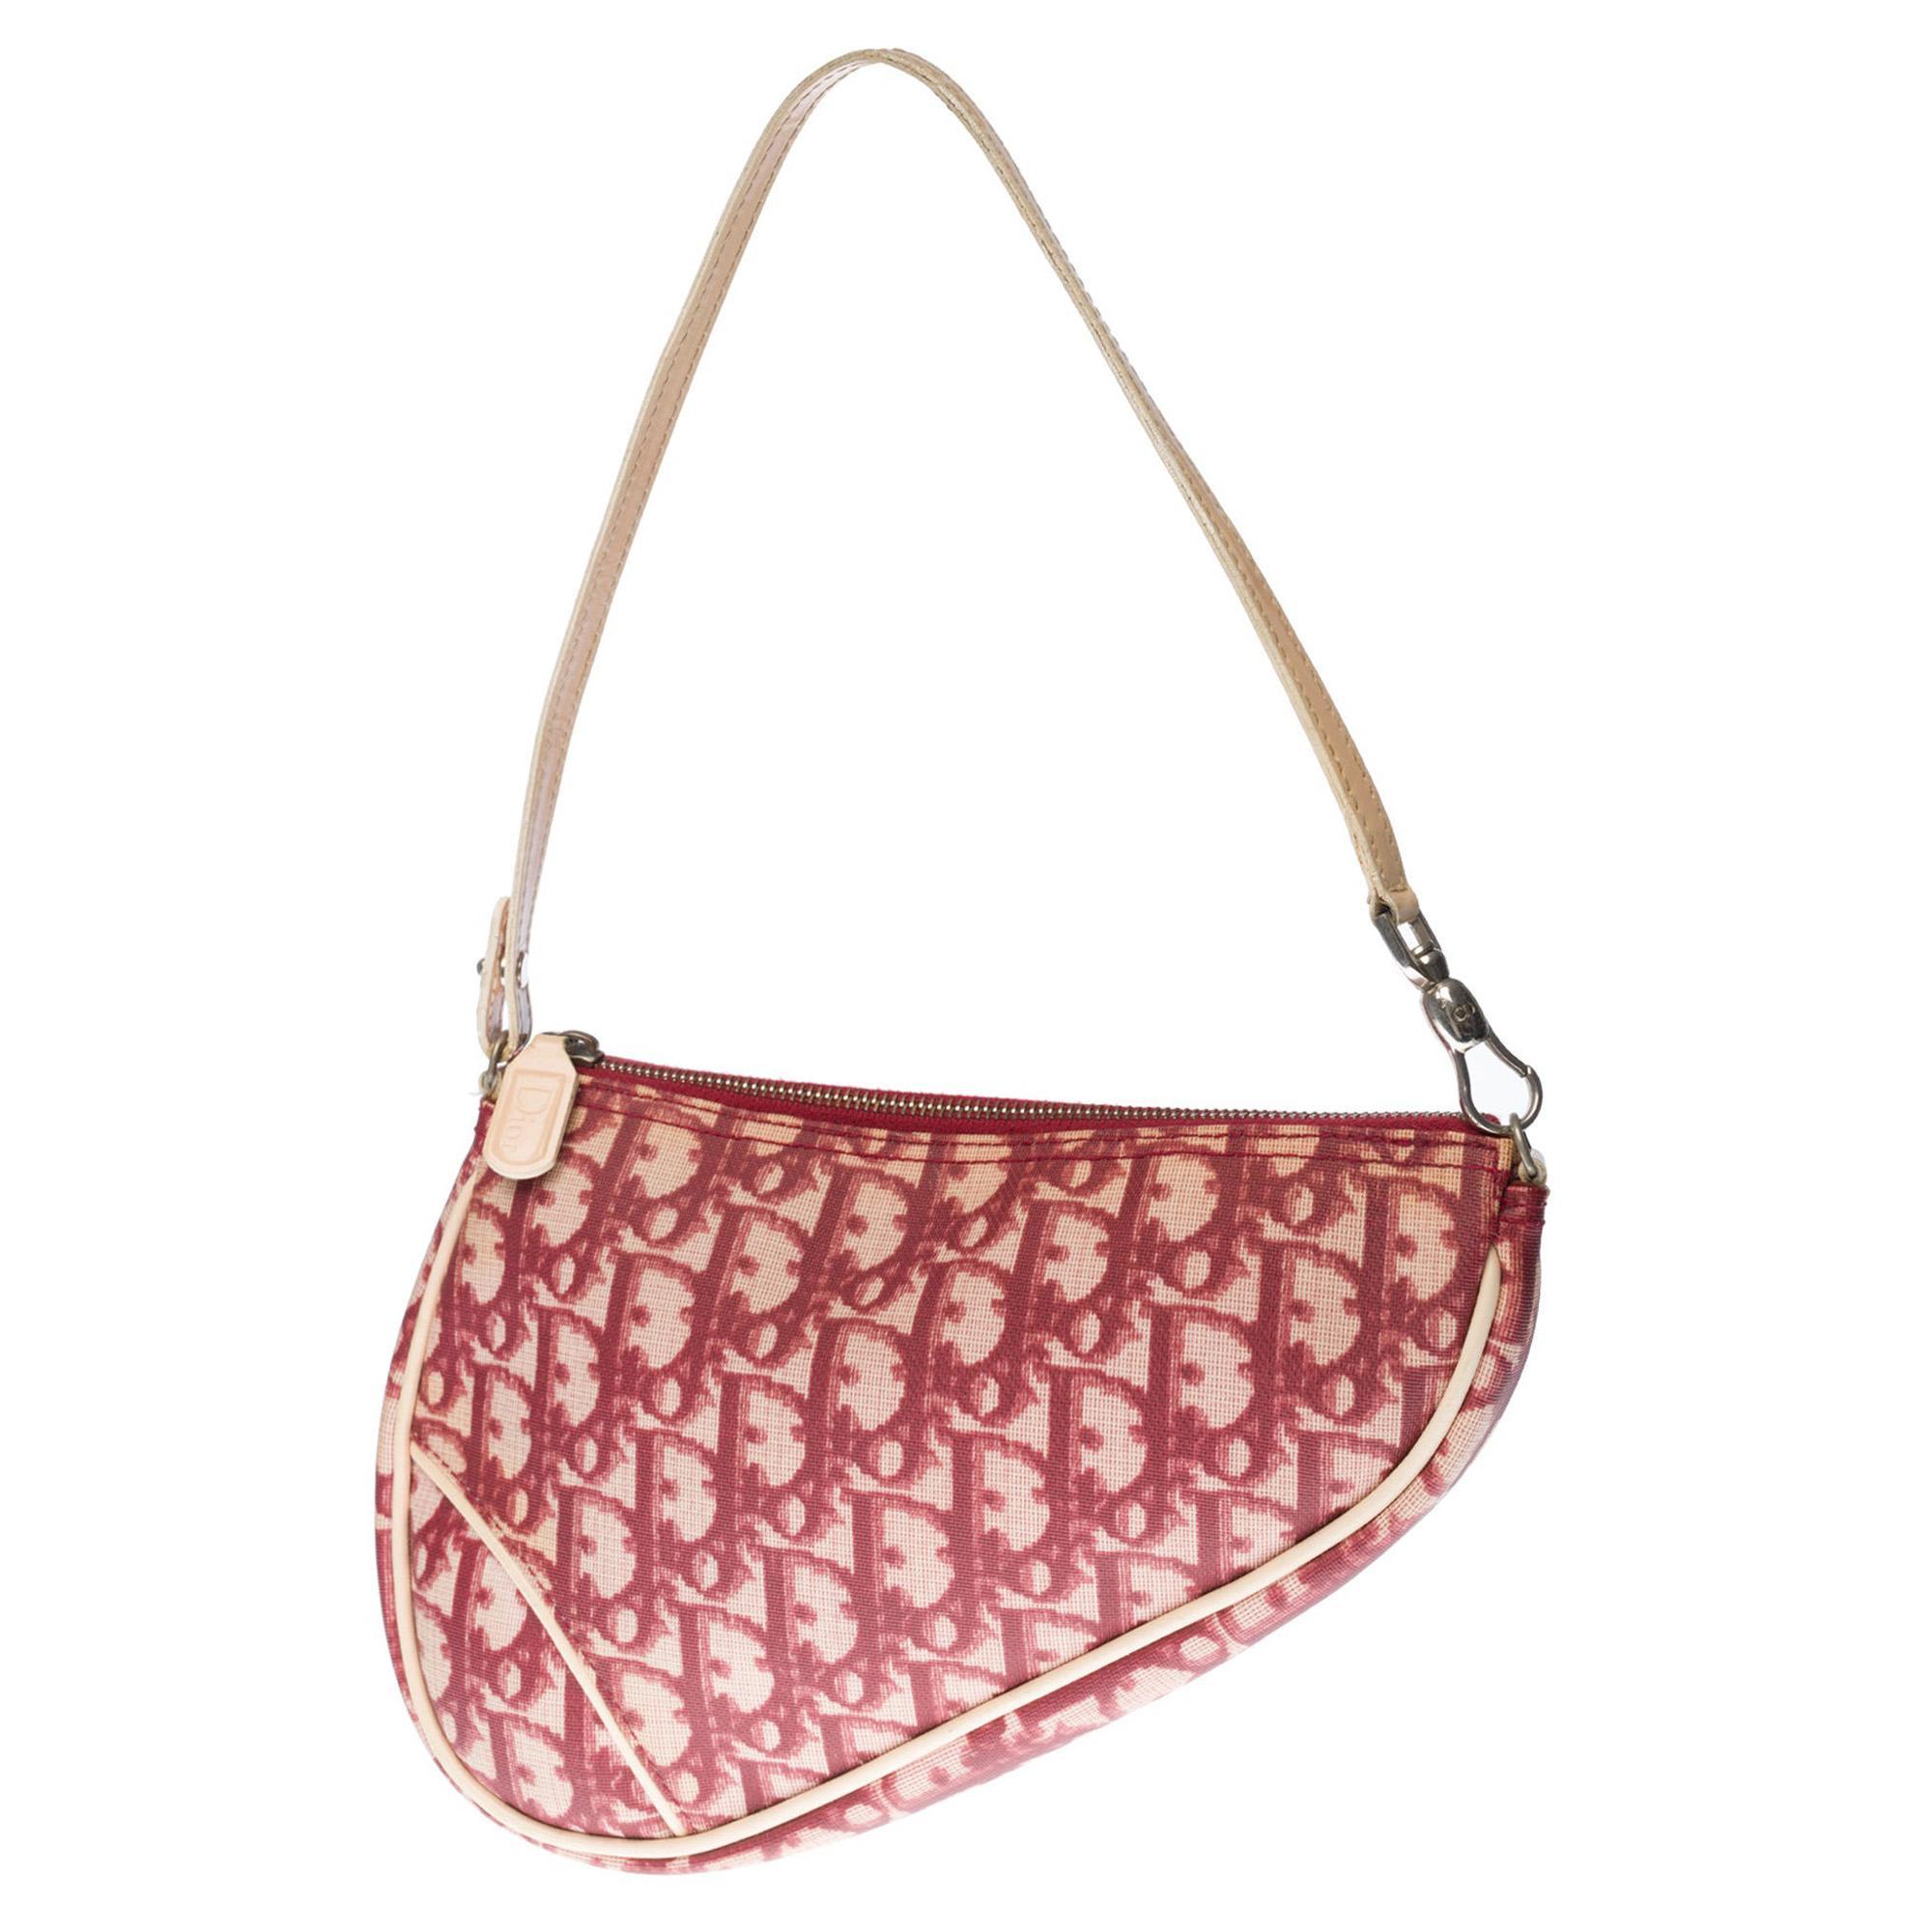 Gorgeous Christian Dior Saddle shoulder bag in red monogram oblique canvas, SHW